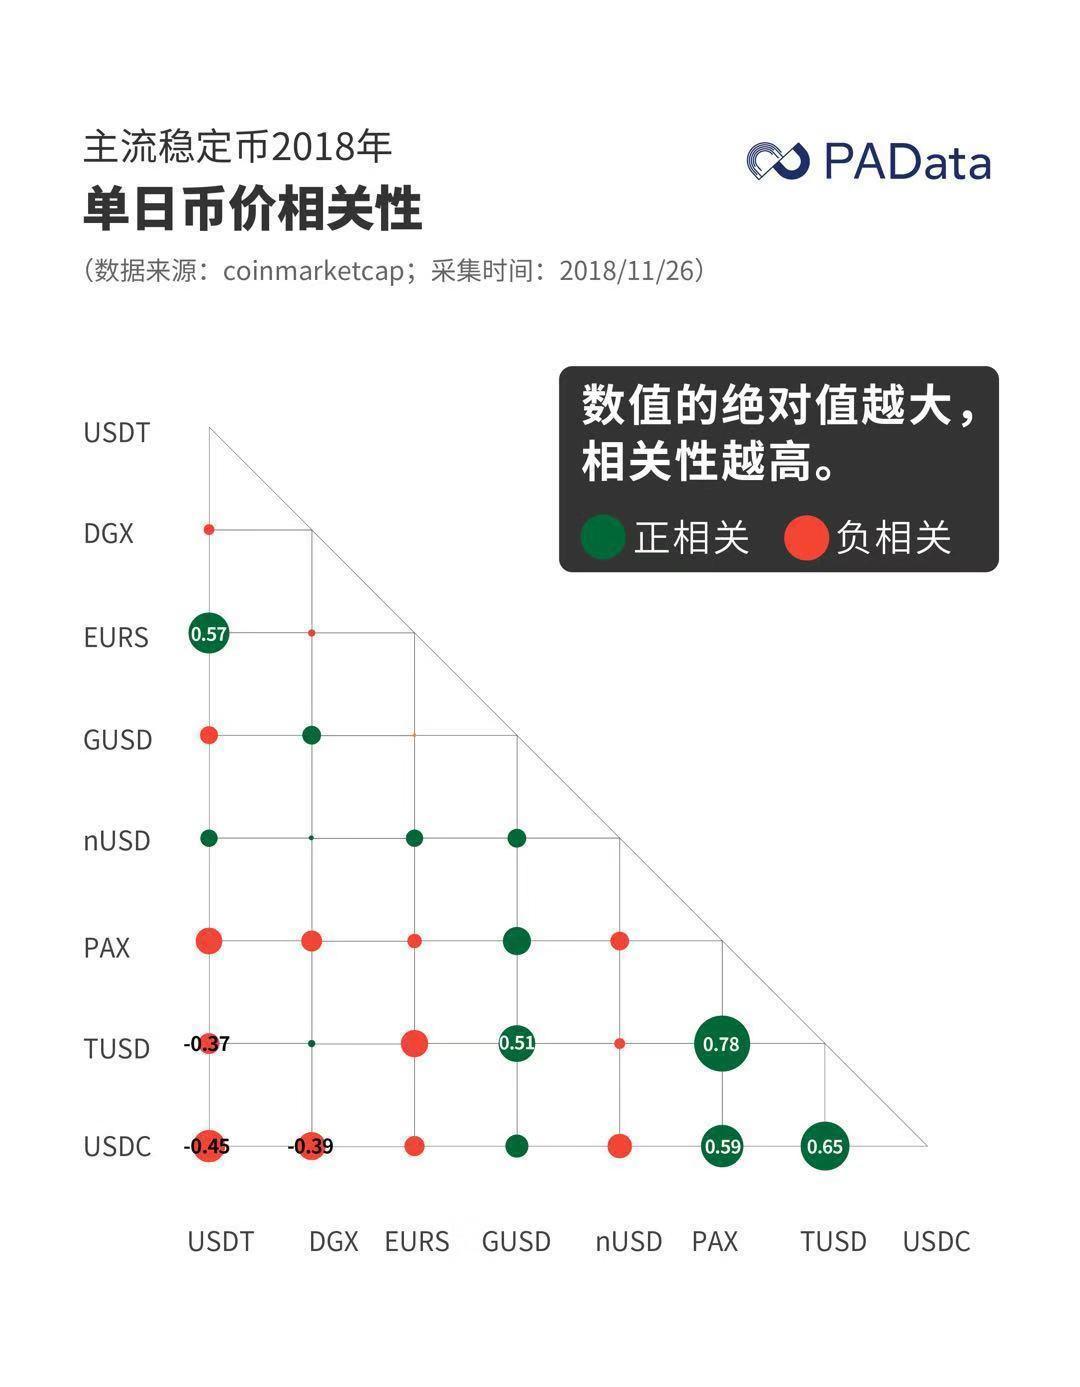 数据透析:熊市猛如虎,哪家稳定币最避险?